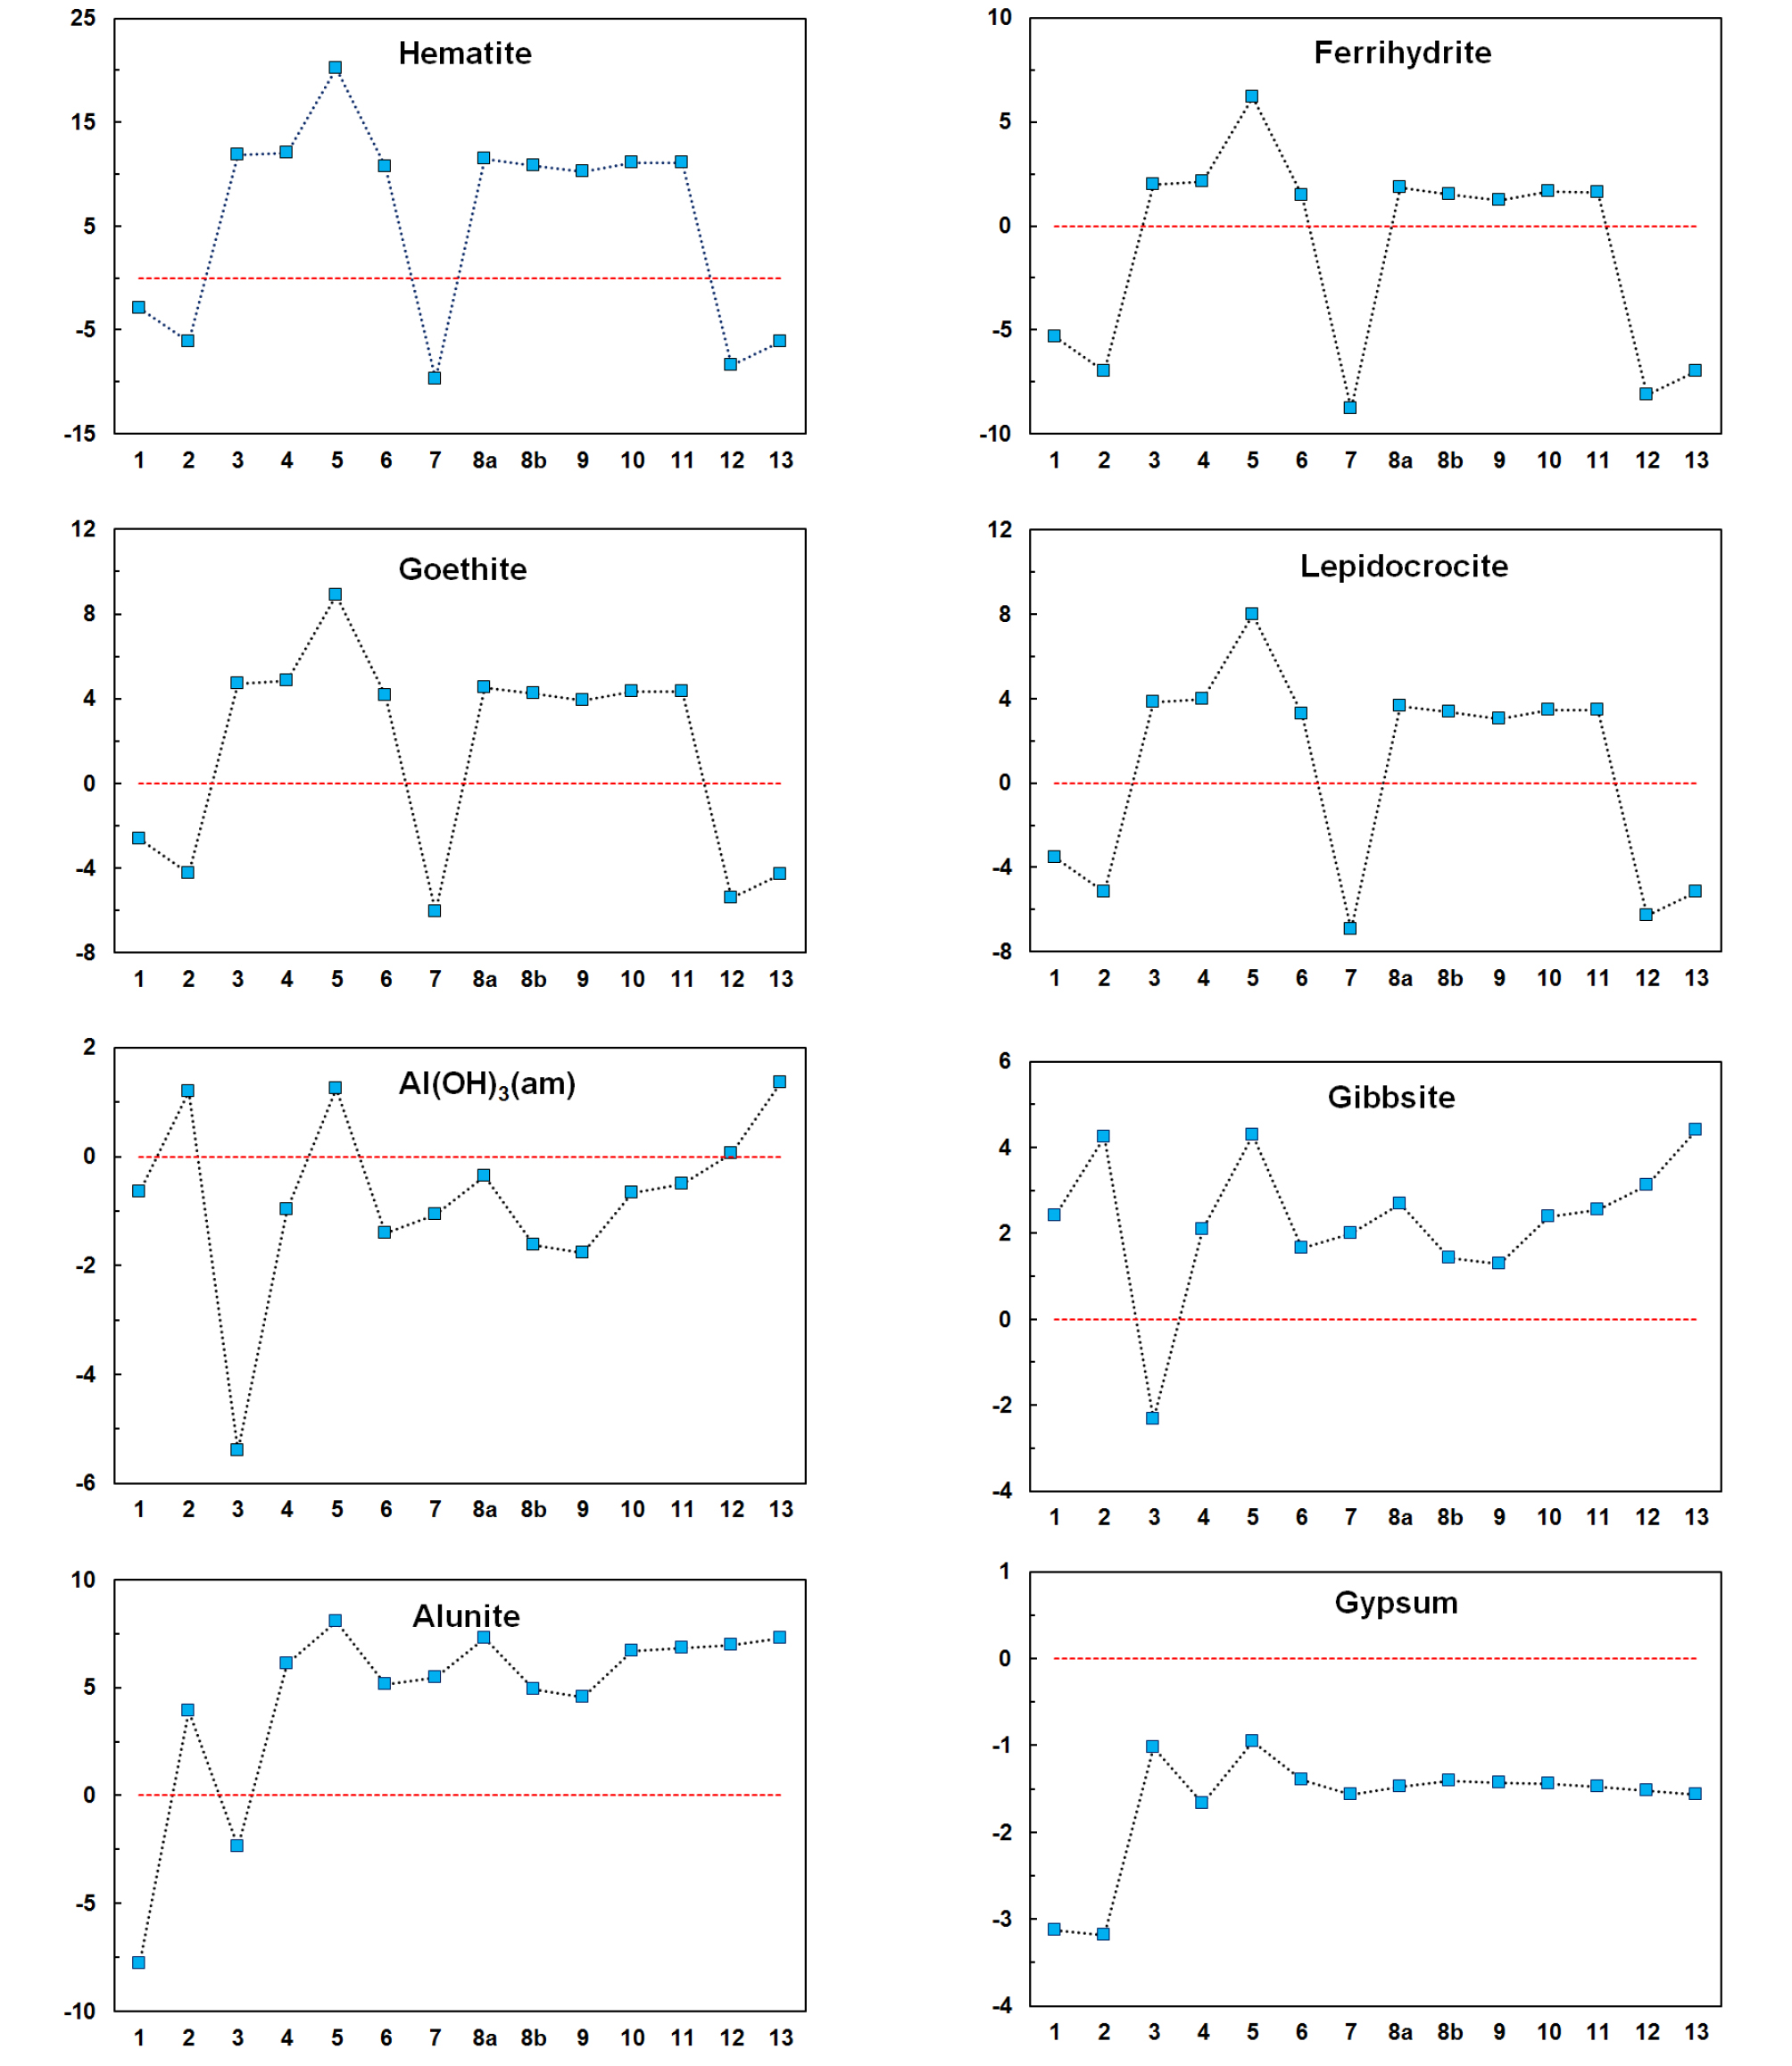 http://static.apub.kr/journalsite/sites/kseg/2019-029-04/N0520290418/images/kseg_29_04_18_F6.jpg